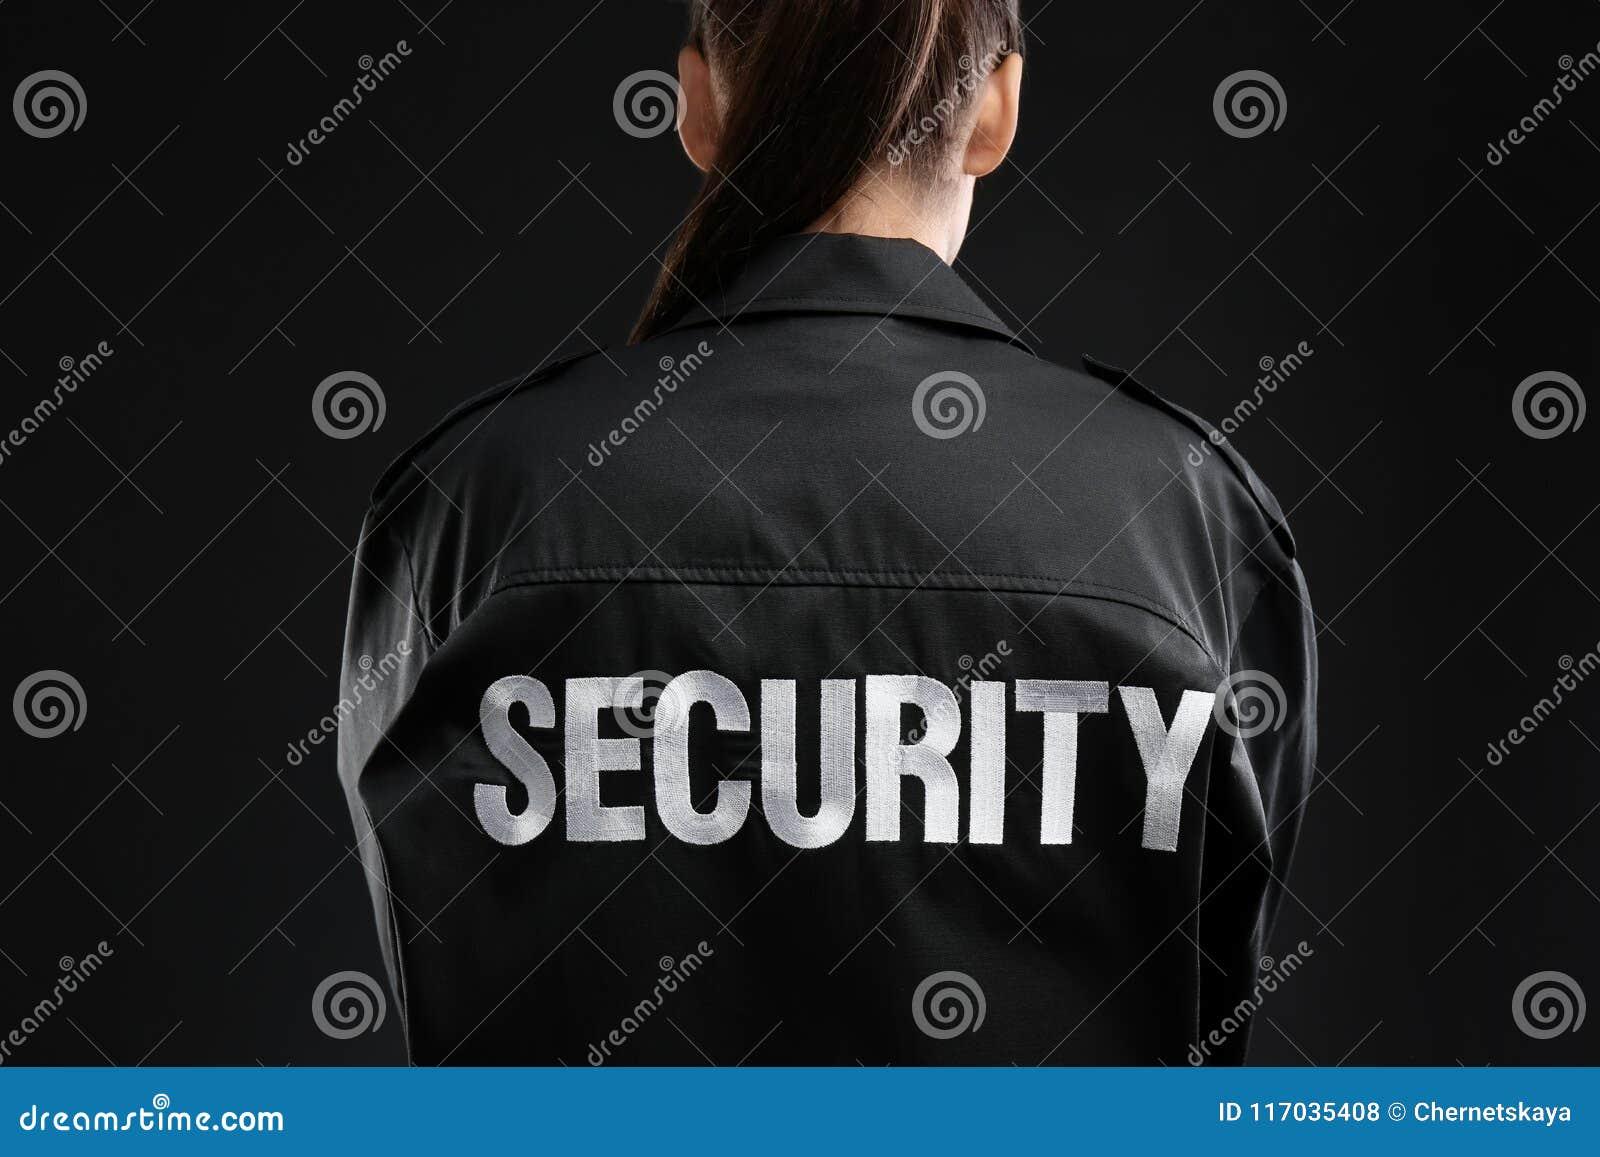 Female security guard in uniform